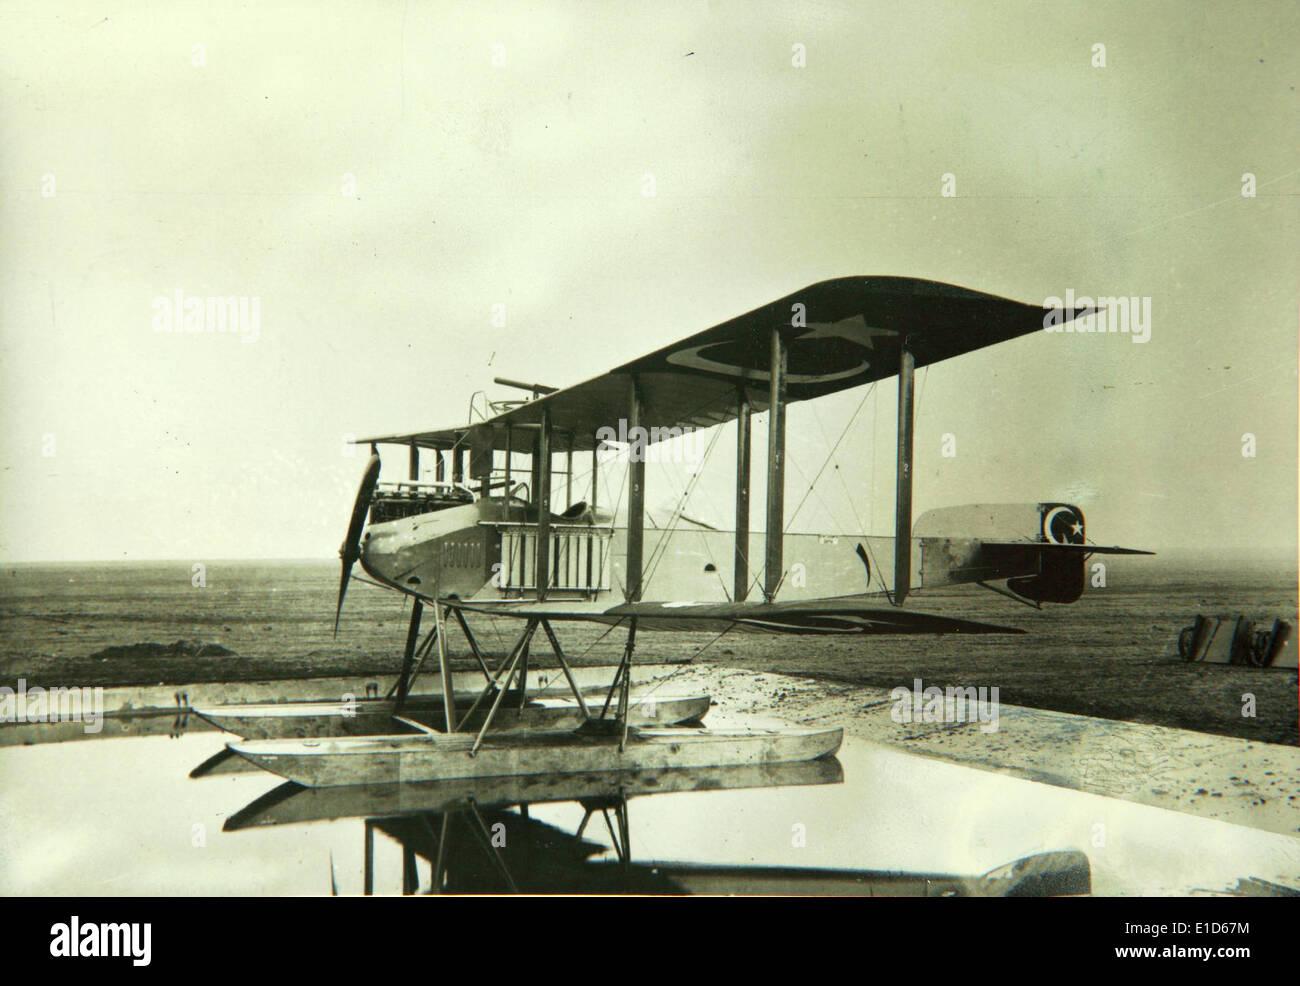 Gotha Aircraft Stock Photos Images